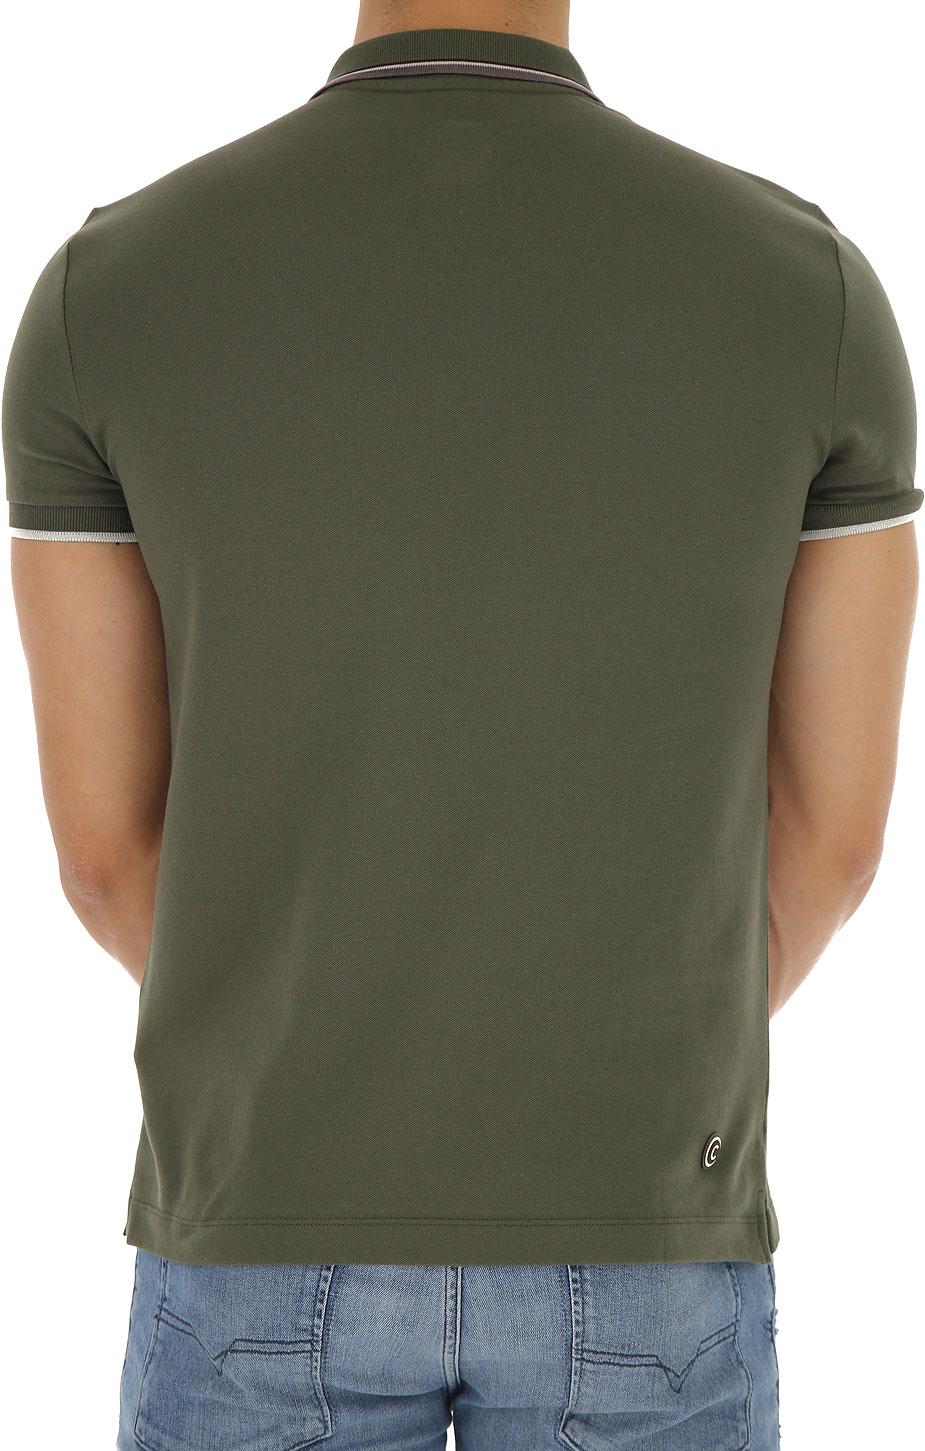 Abbigliamento Uomo Colmar, Codice Articolo: 7659r-4sh-290